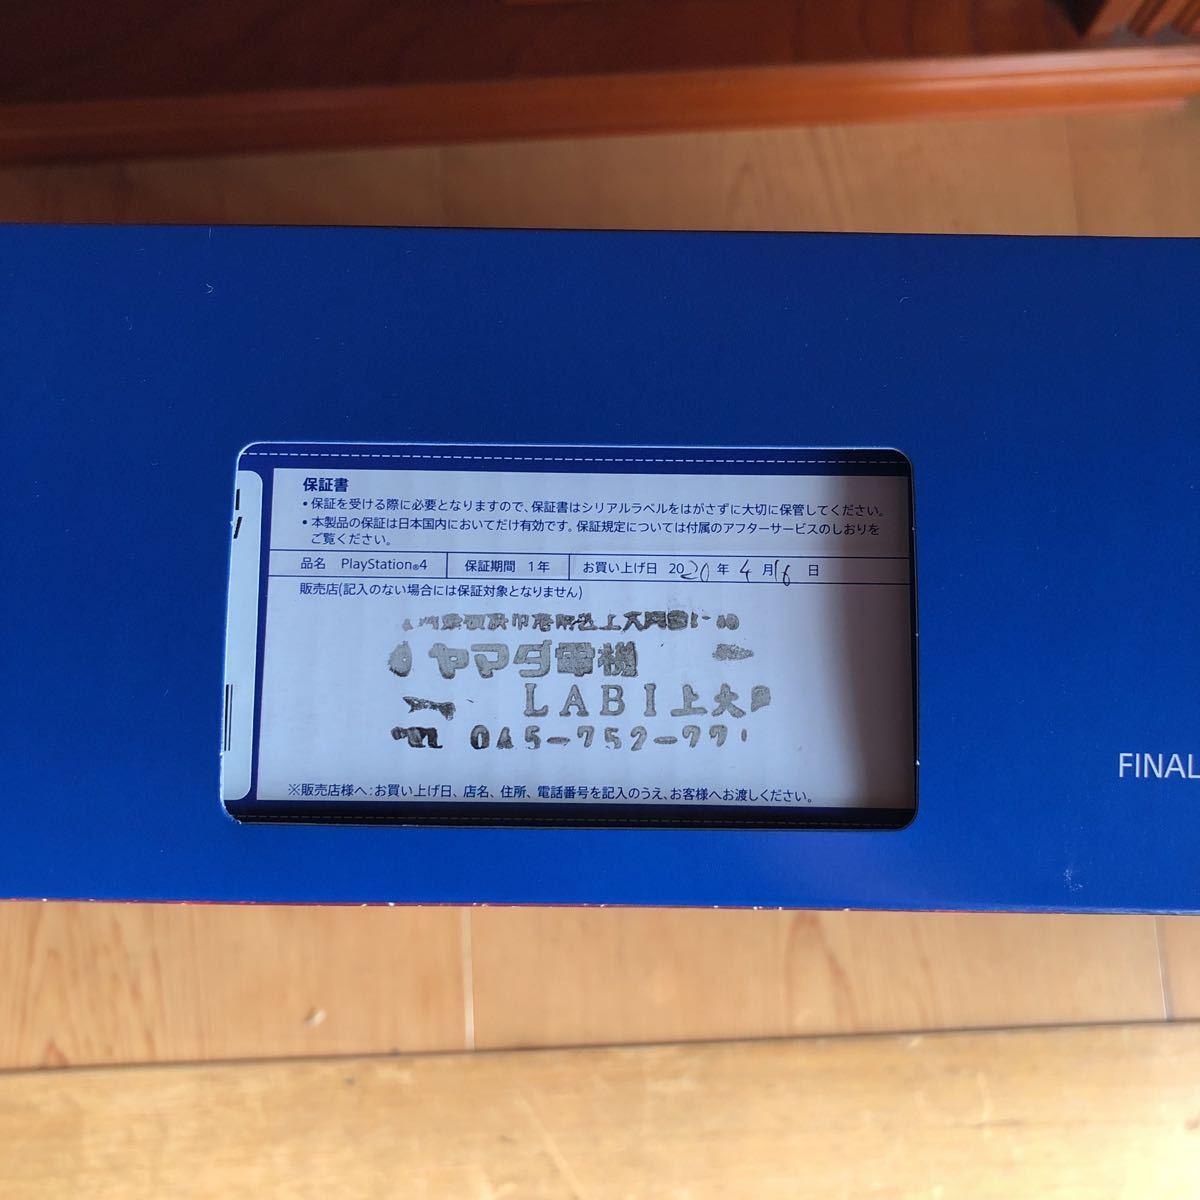 [新品未開封・送料無料] FINAL FANTASY Ⅶ REMAKE Pack PS4 500GB ファイナルファンタジー7 リメイク ソフト 同梱版